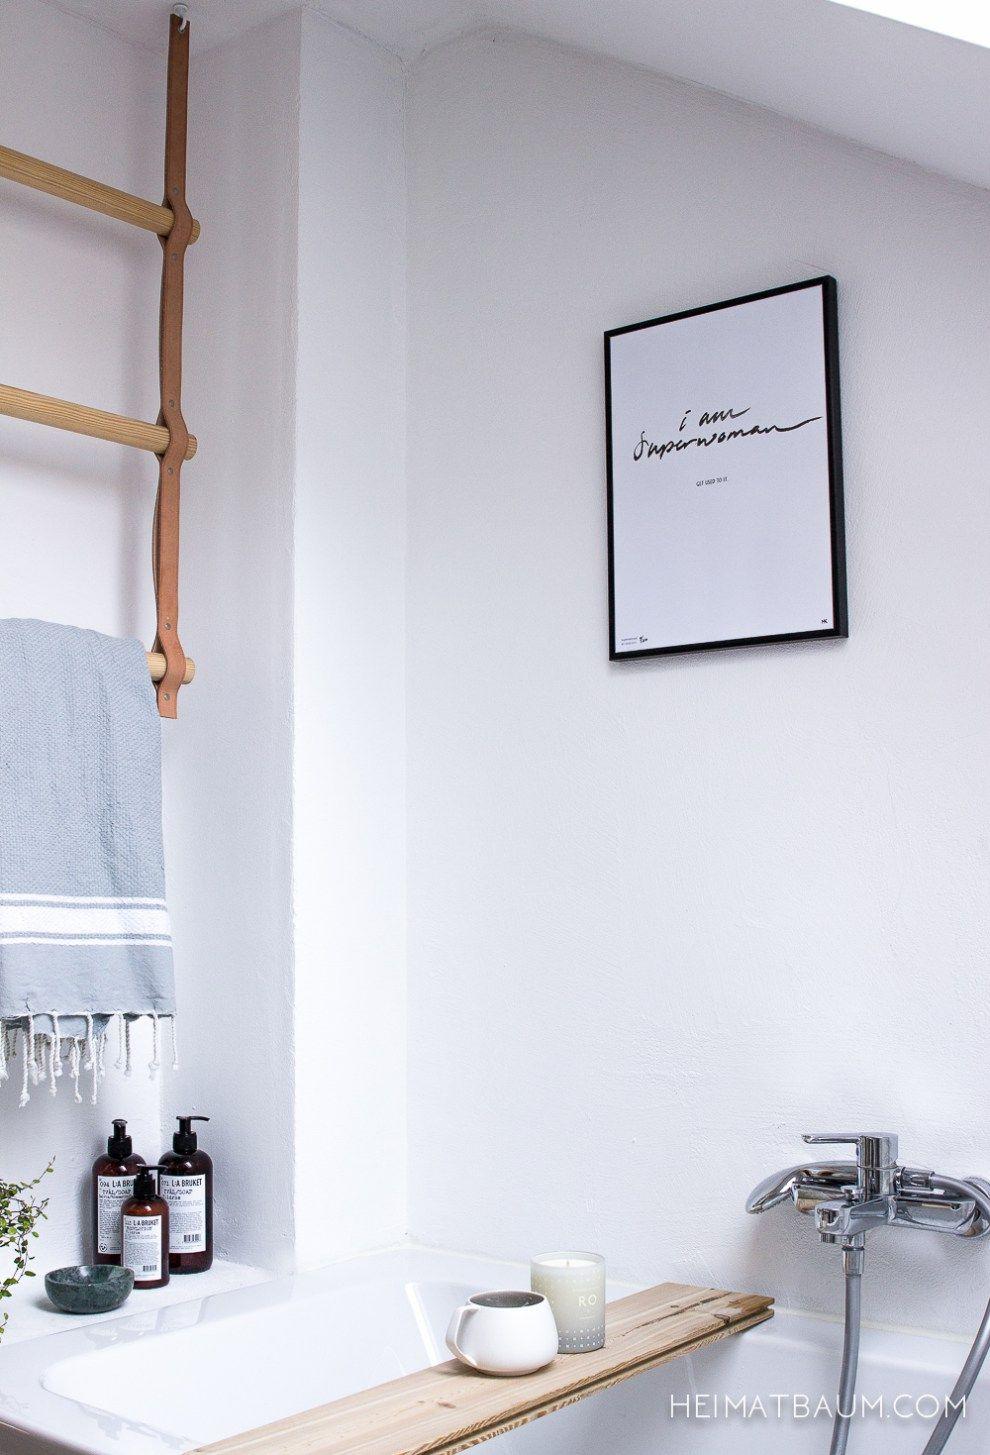 Tipps f r kleine badezimmer heimatbaum wohnen - Tipps fur kleine badezimmer ...